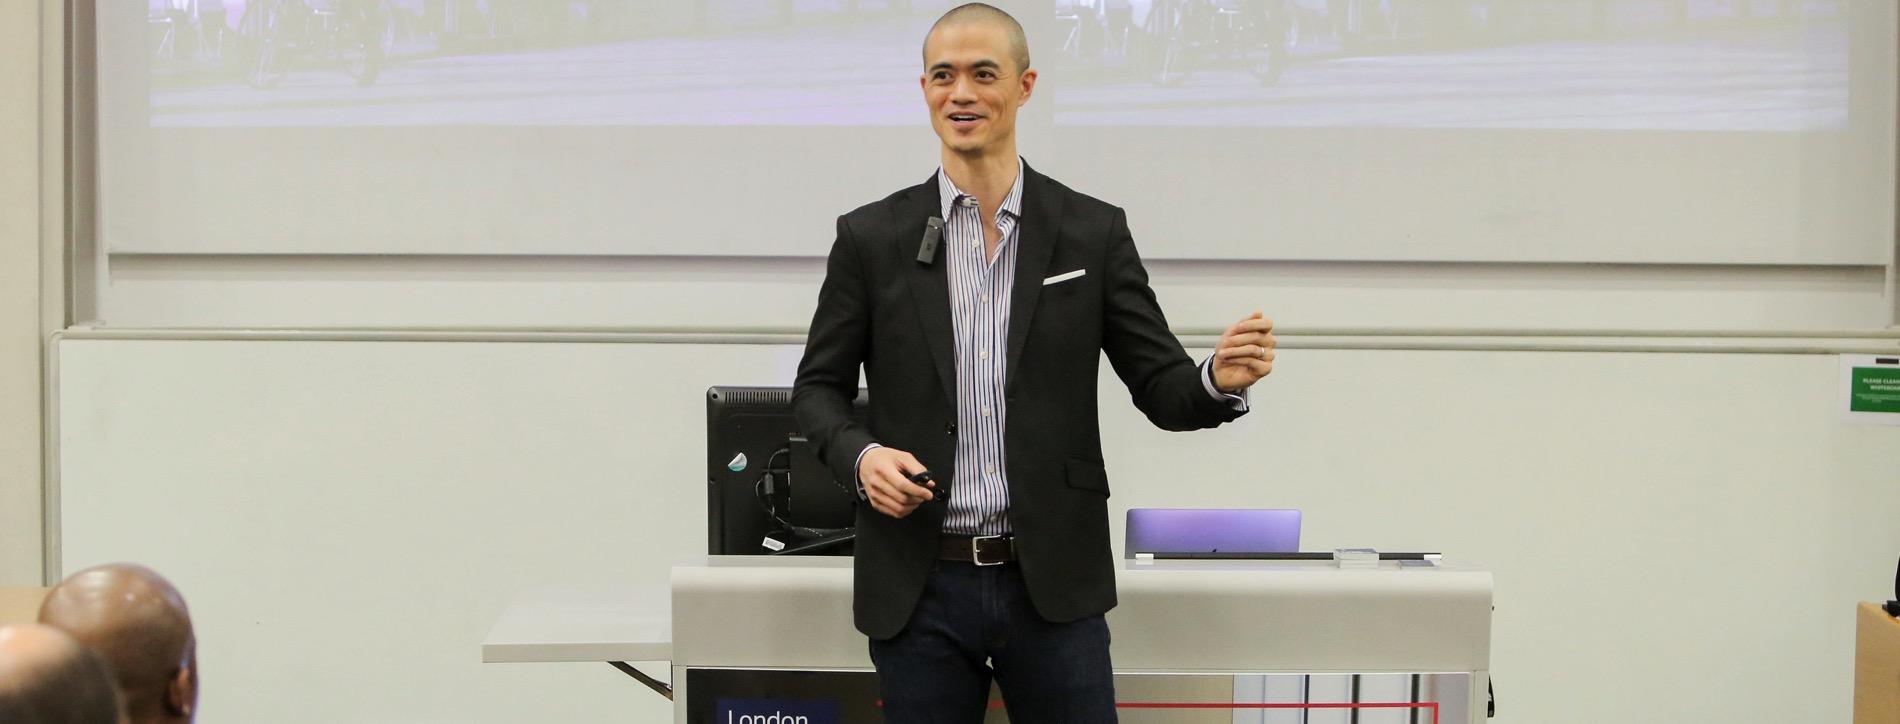 Joseph Liu LBS Alumni Keynote